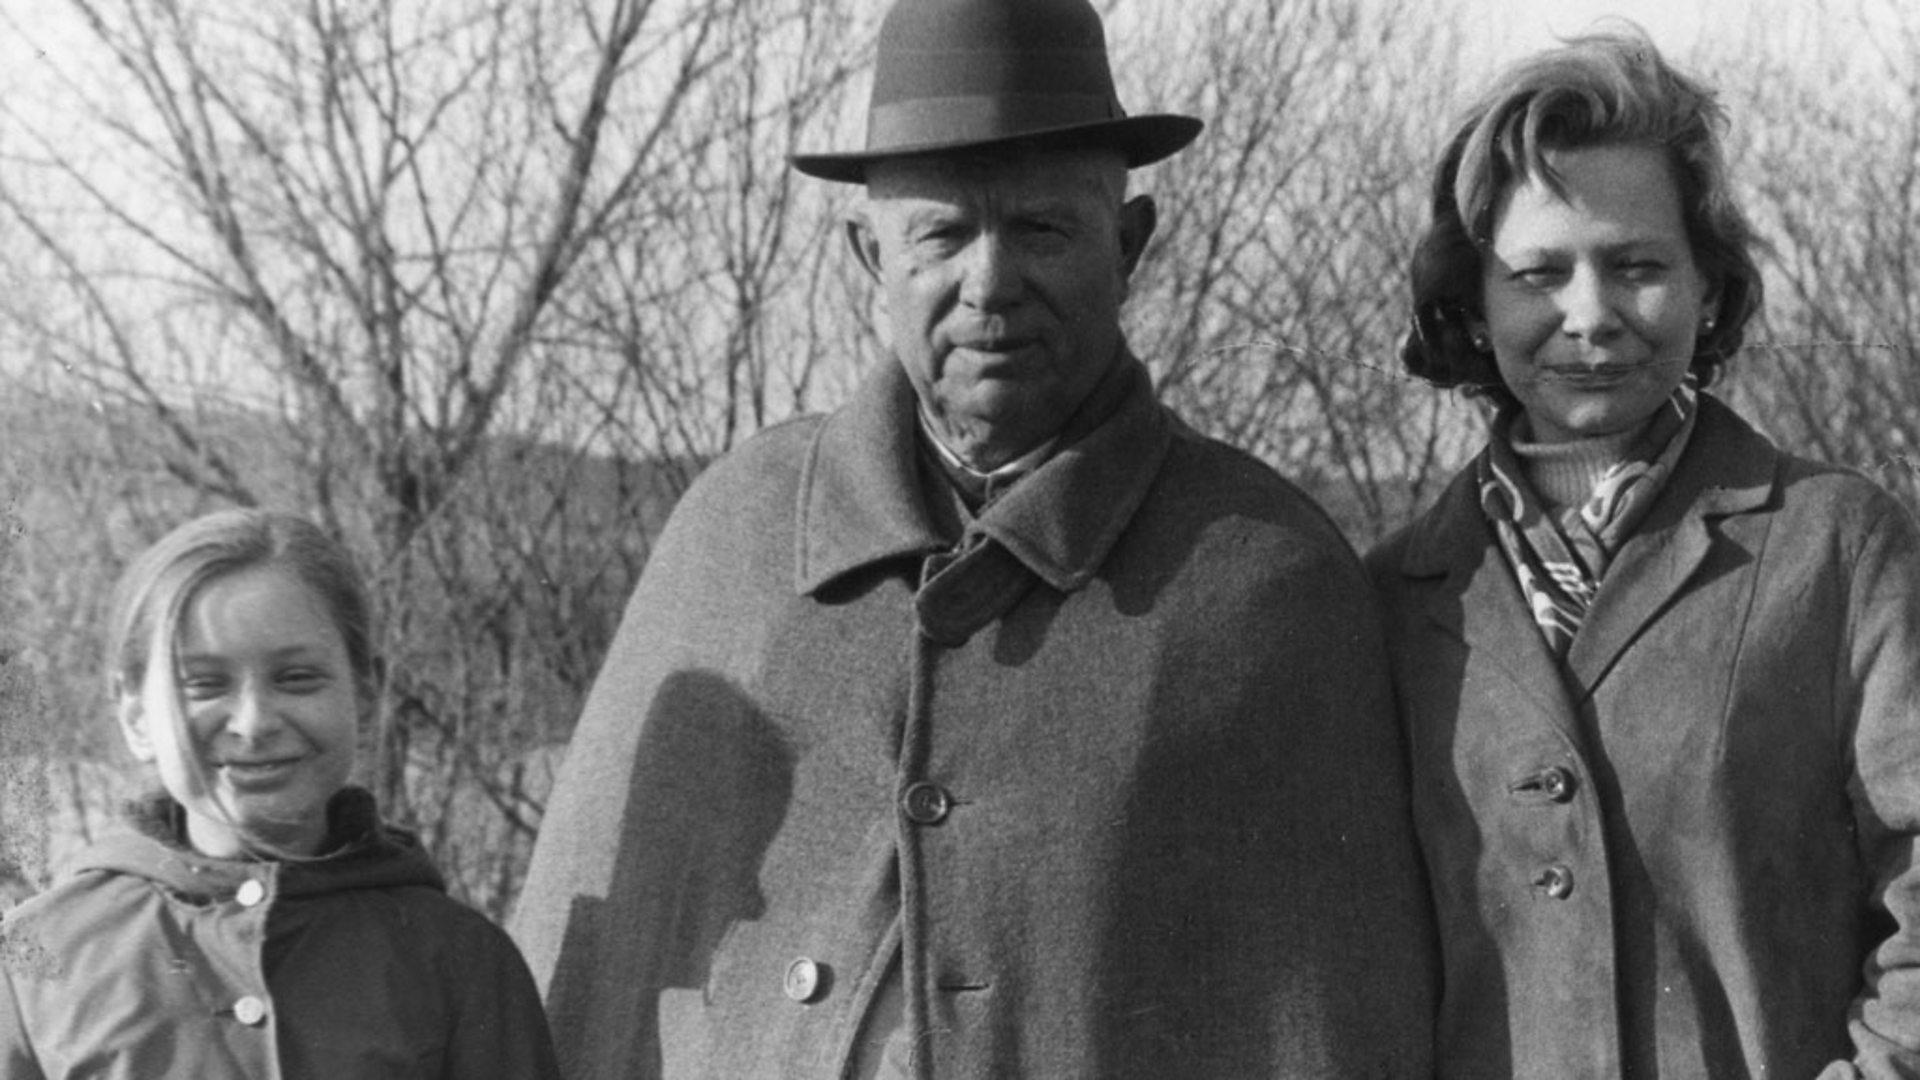 Nina, Ibu Rumah Tangga di Belakang Kebesaran Krushchev, Tokoh Revolusioner Uni Soviet